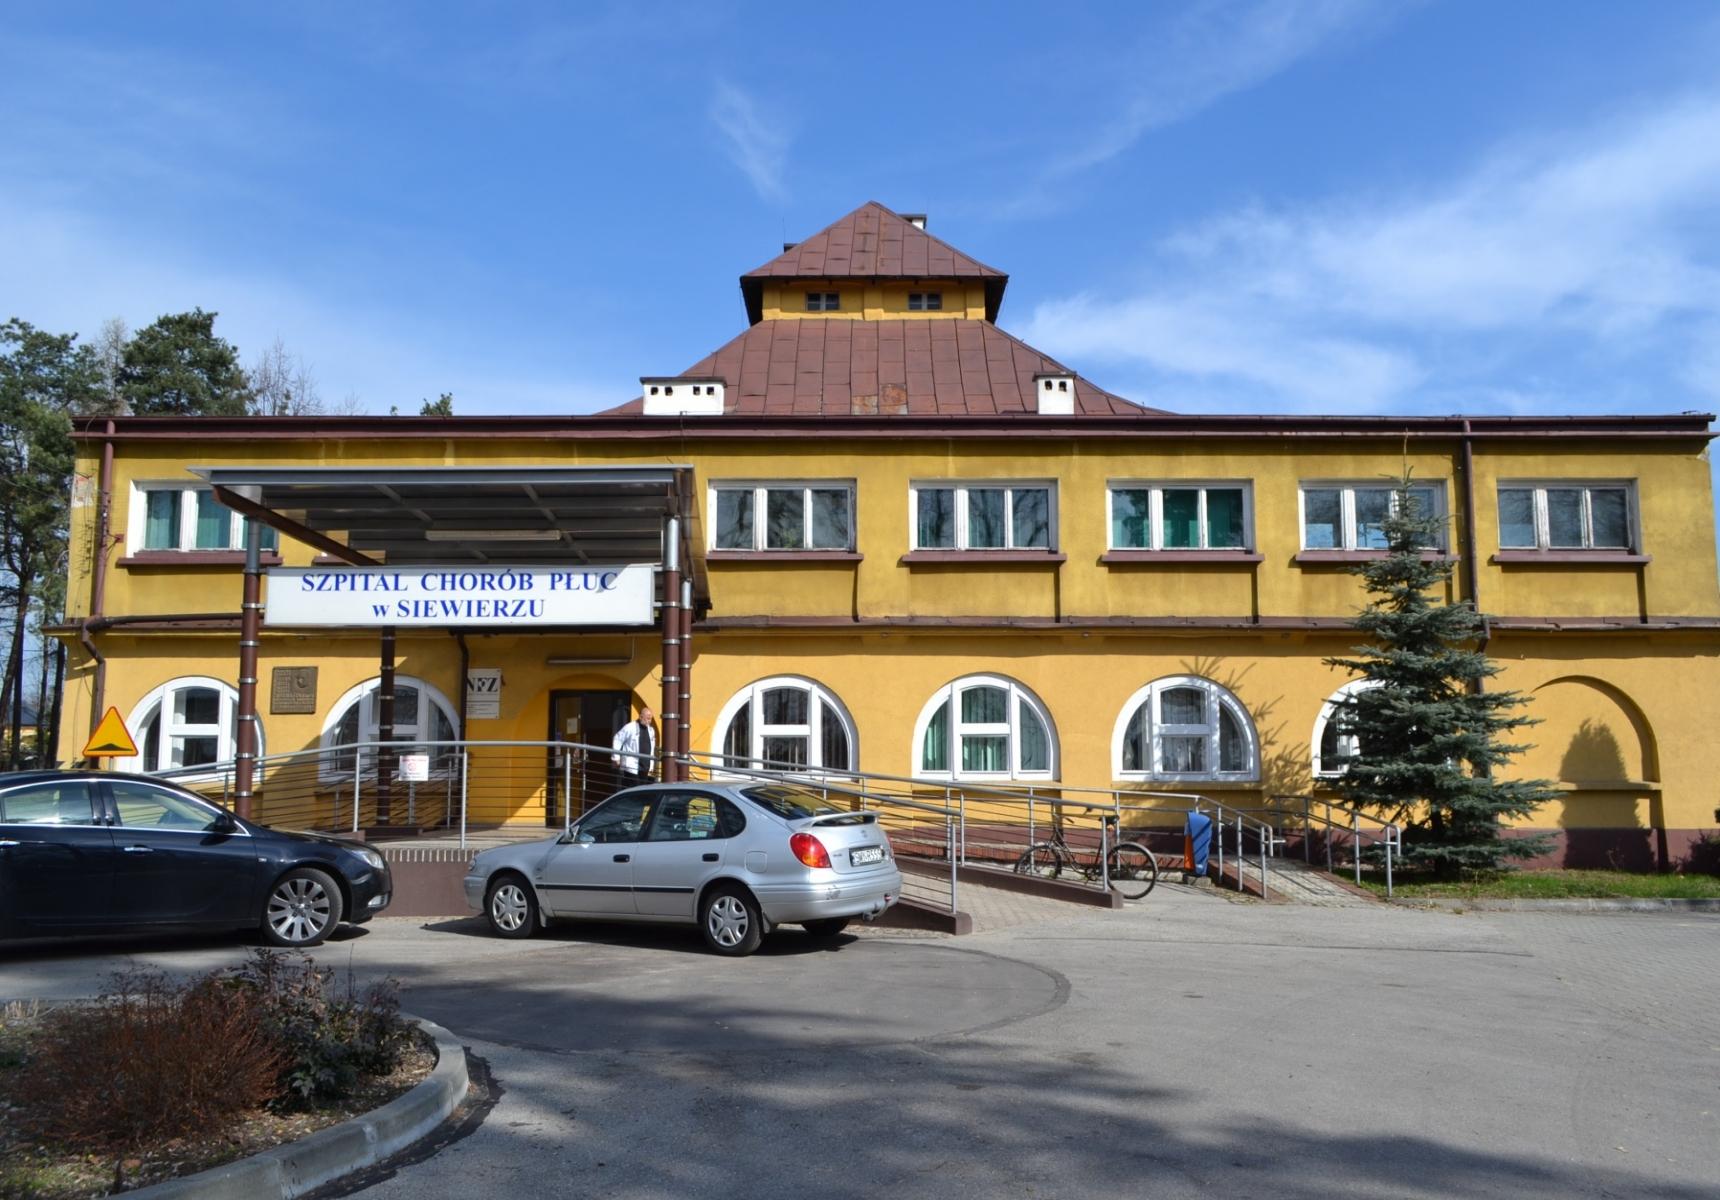 Niespodziewana sprzedaż szpitala specjalistycznego w Siewierzu